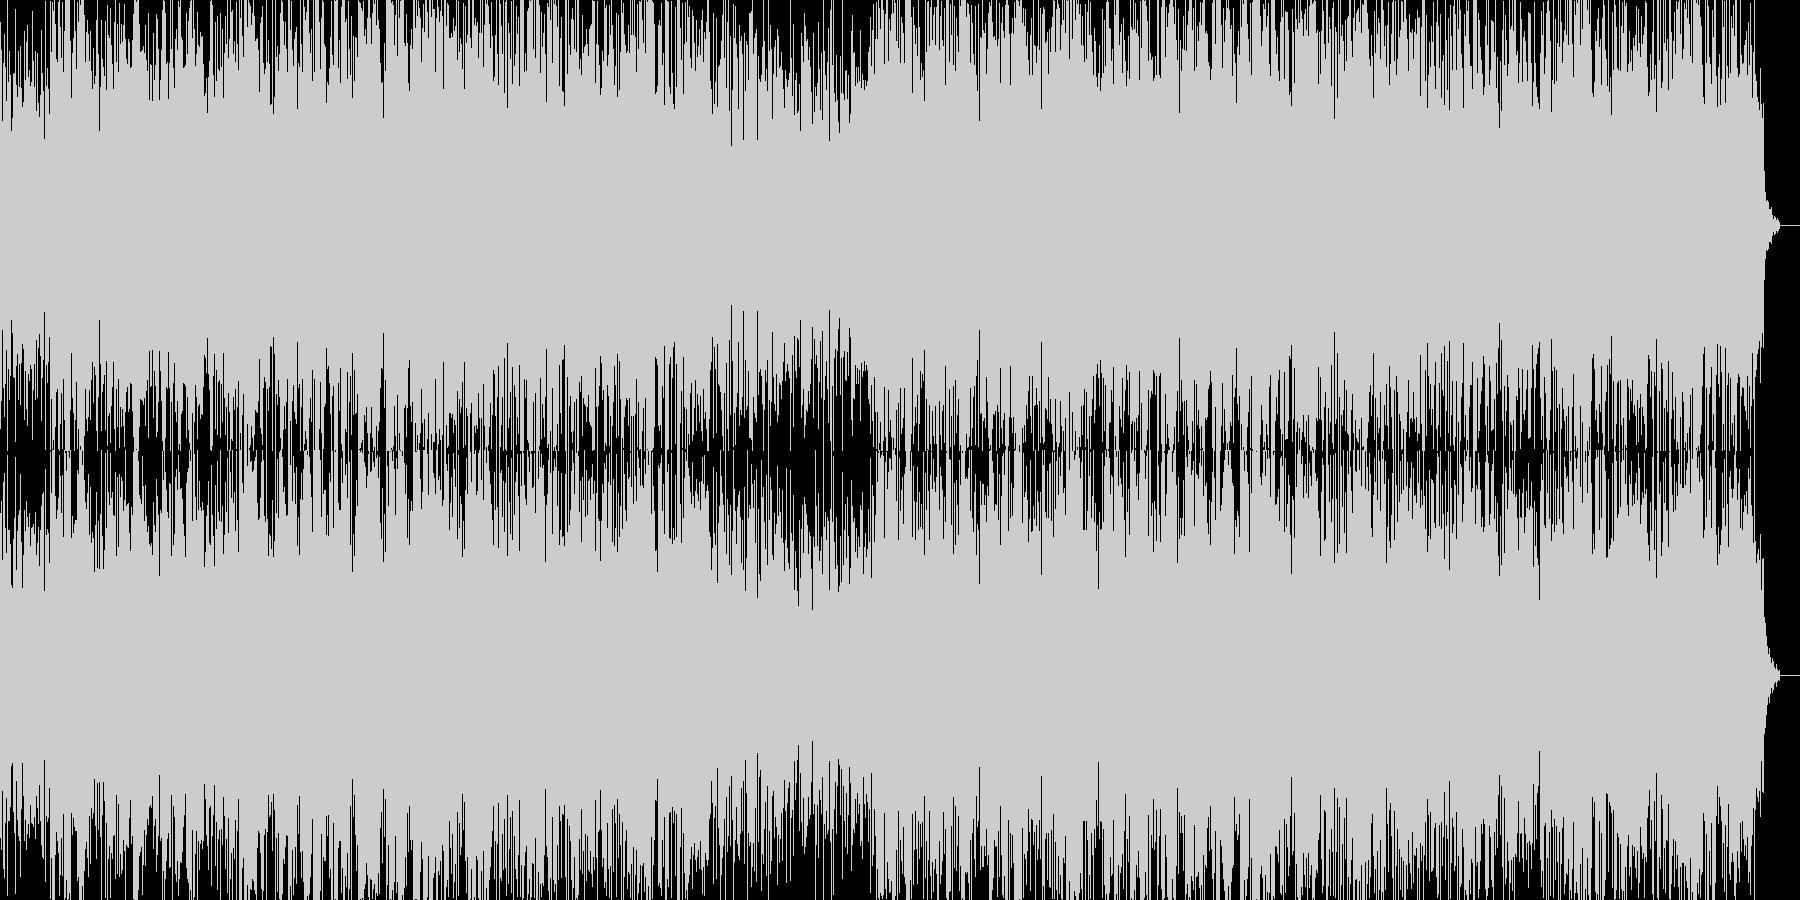 ギターの哀愁感漂うインストゥルメンタル…の未再生の波形